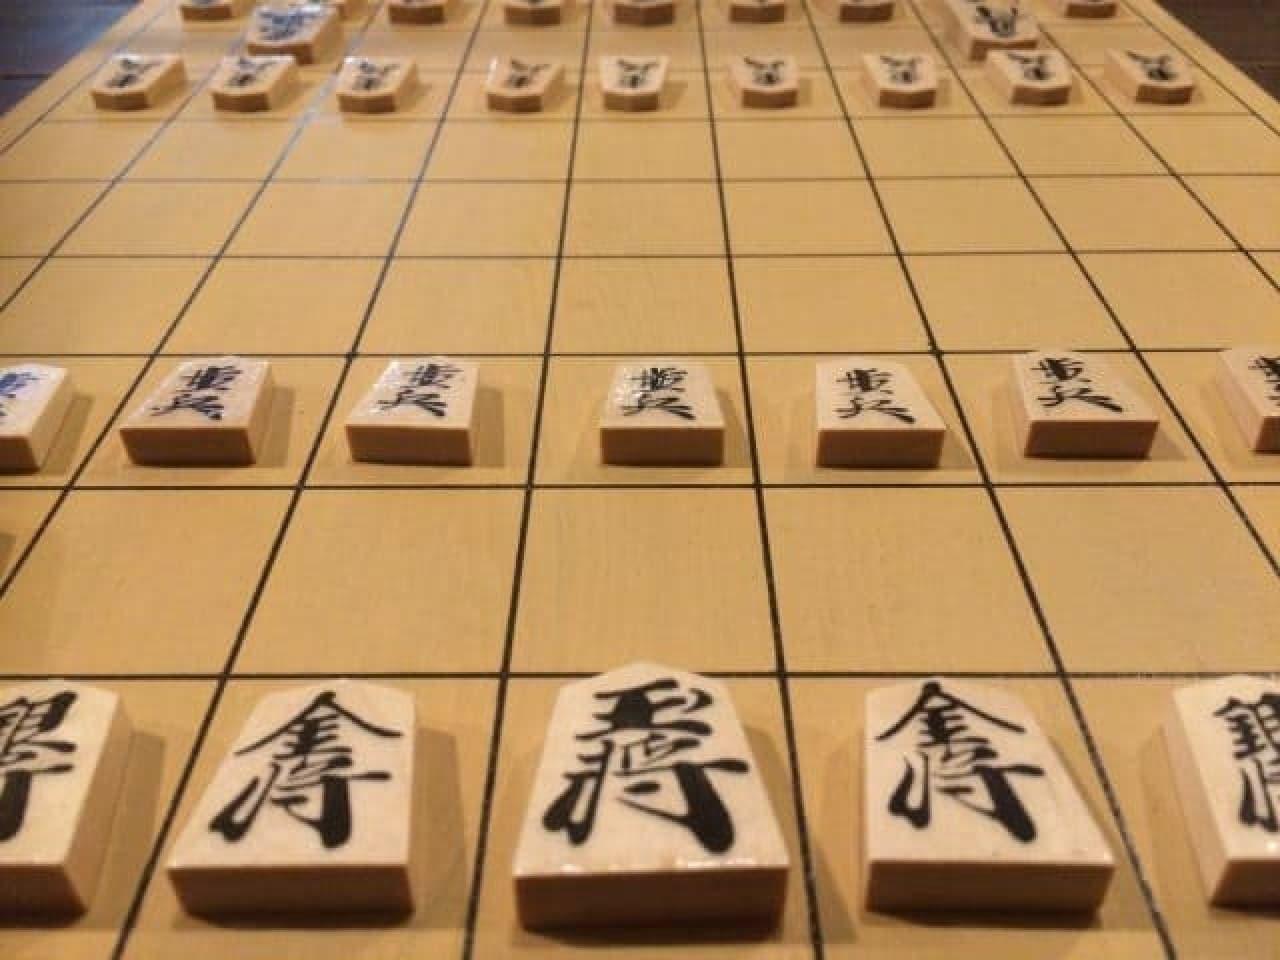 将棋の駒と盤のイメージ